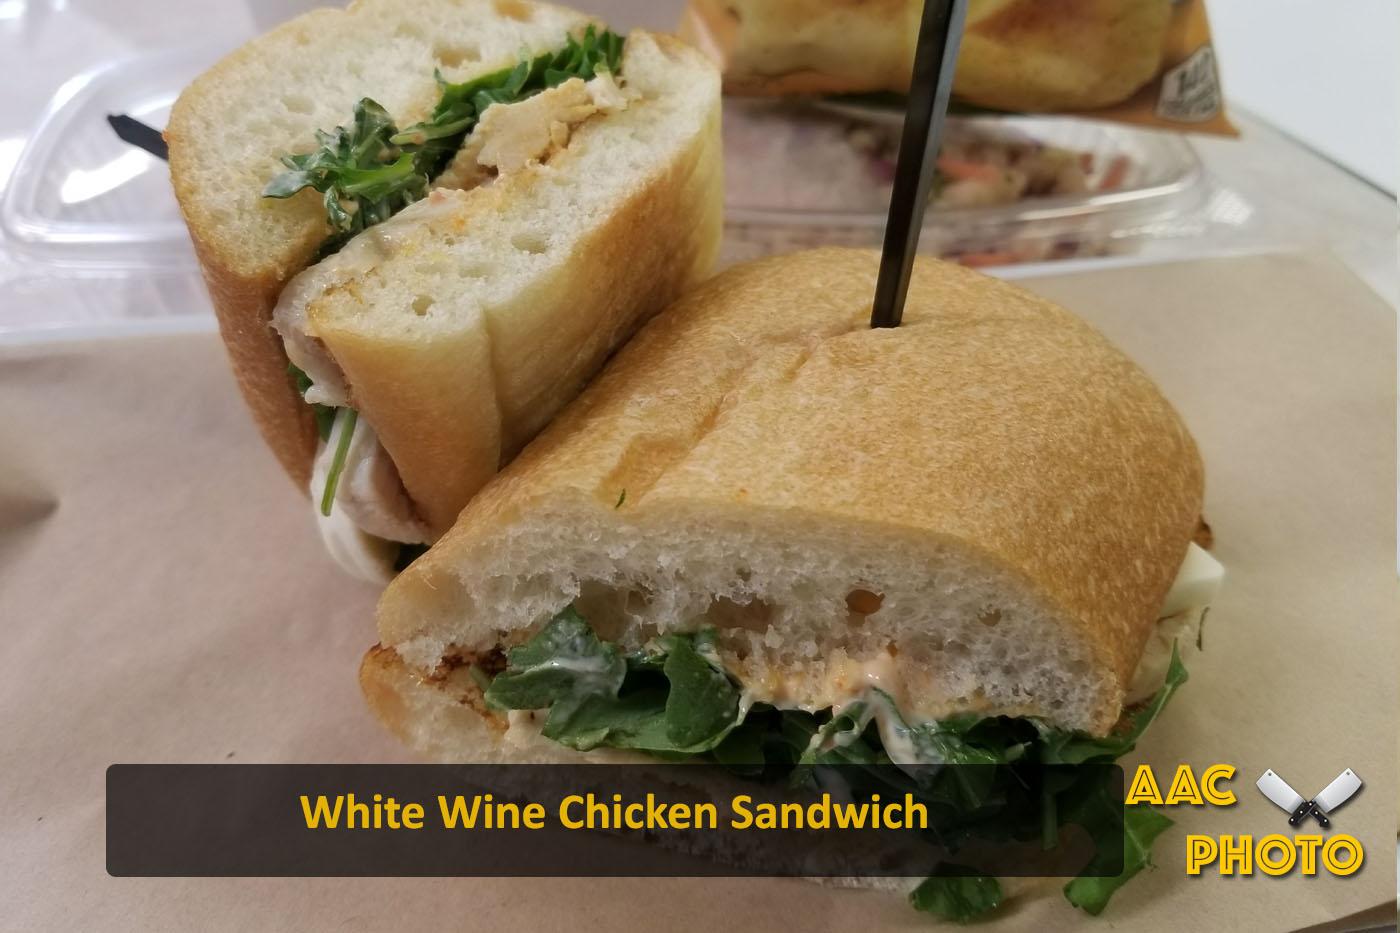 White Wine Chicken Sandwich